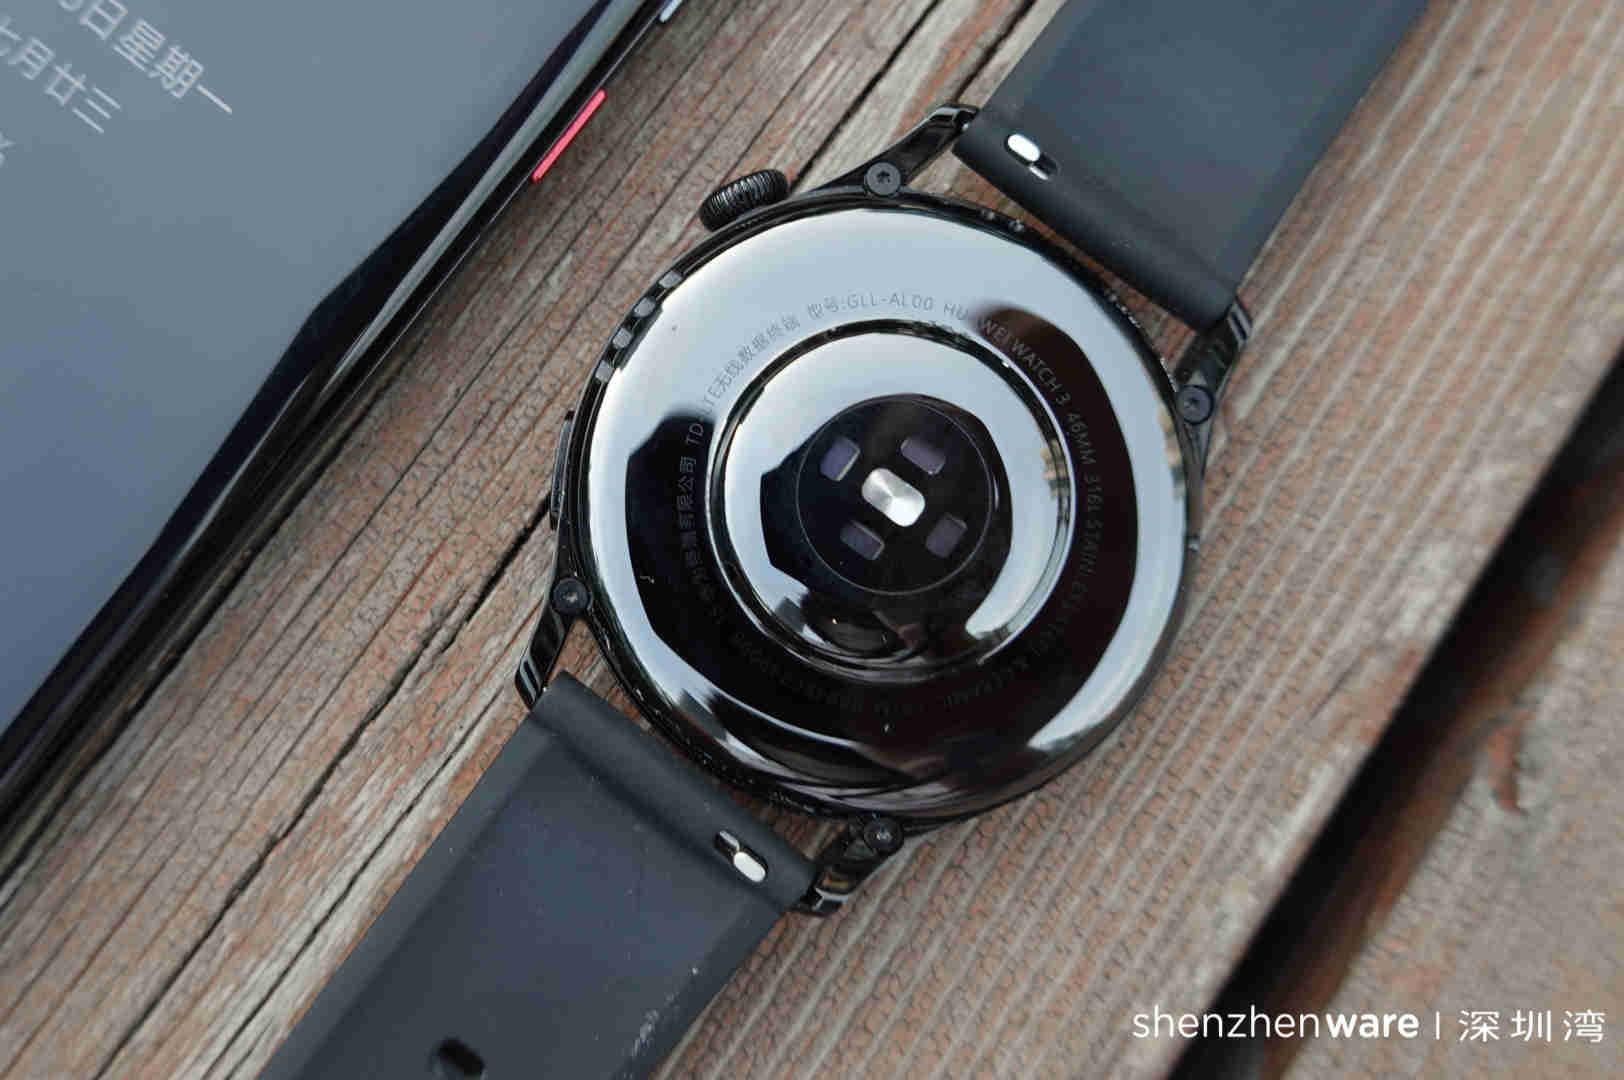 HUAWEI WATCH 3 shenzhenware report image 3x2 2021